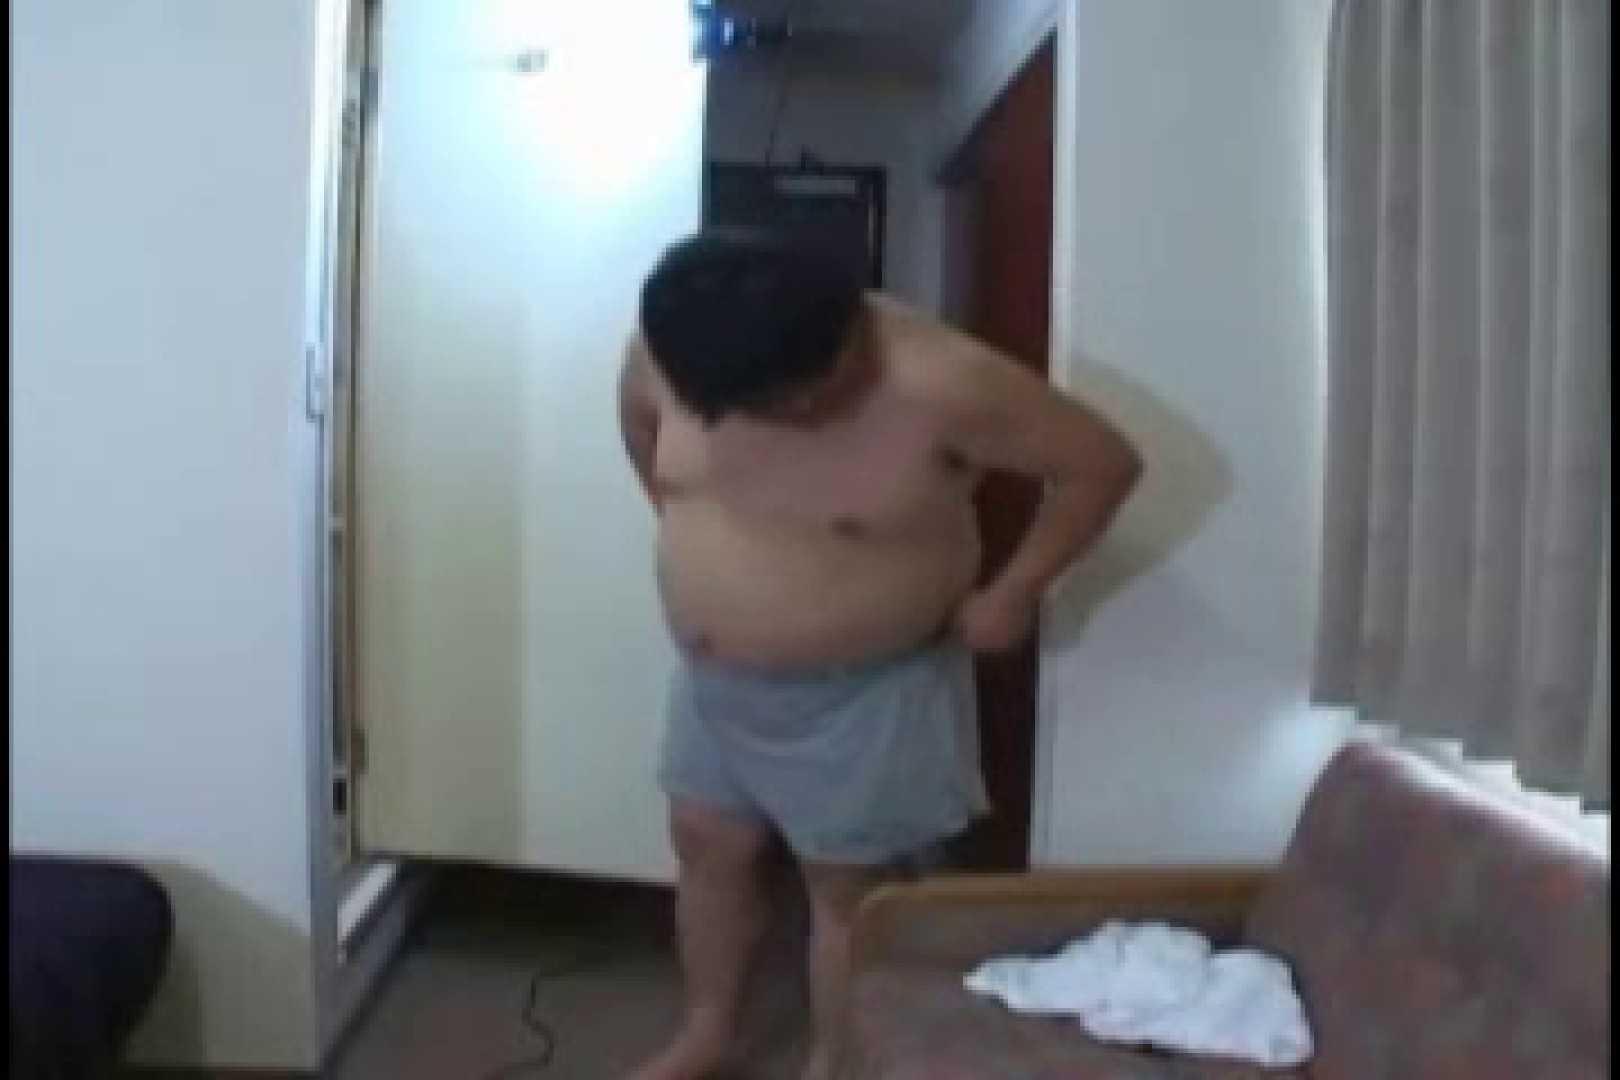 オデブなメガネ君のオナ&アナル攻め! デブ ゲイSEX画像 9枚 5